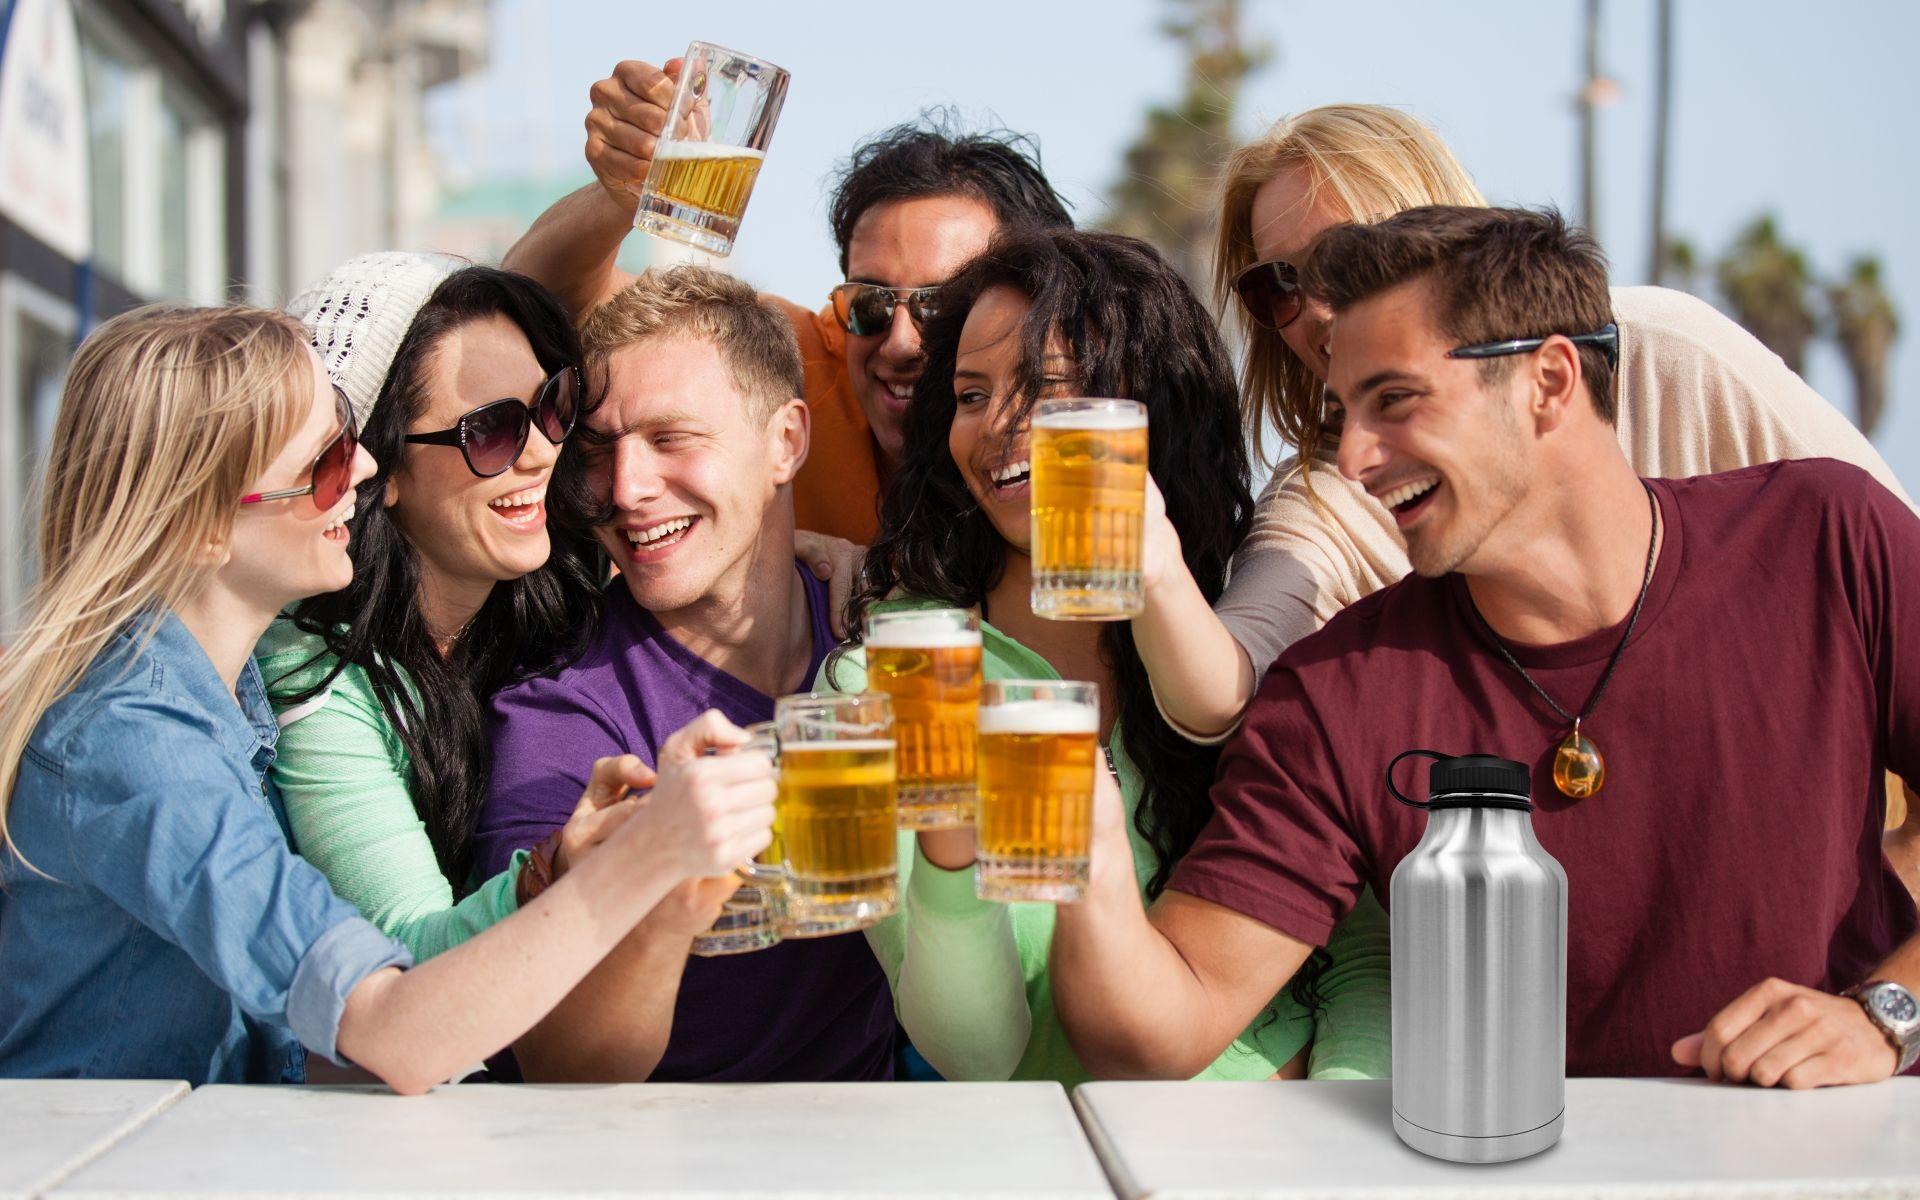 Непьющие люди чаще берут больничный, чем пьющие умеренно